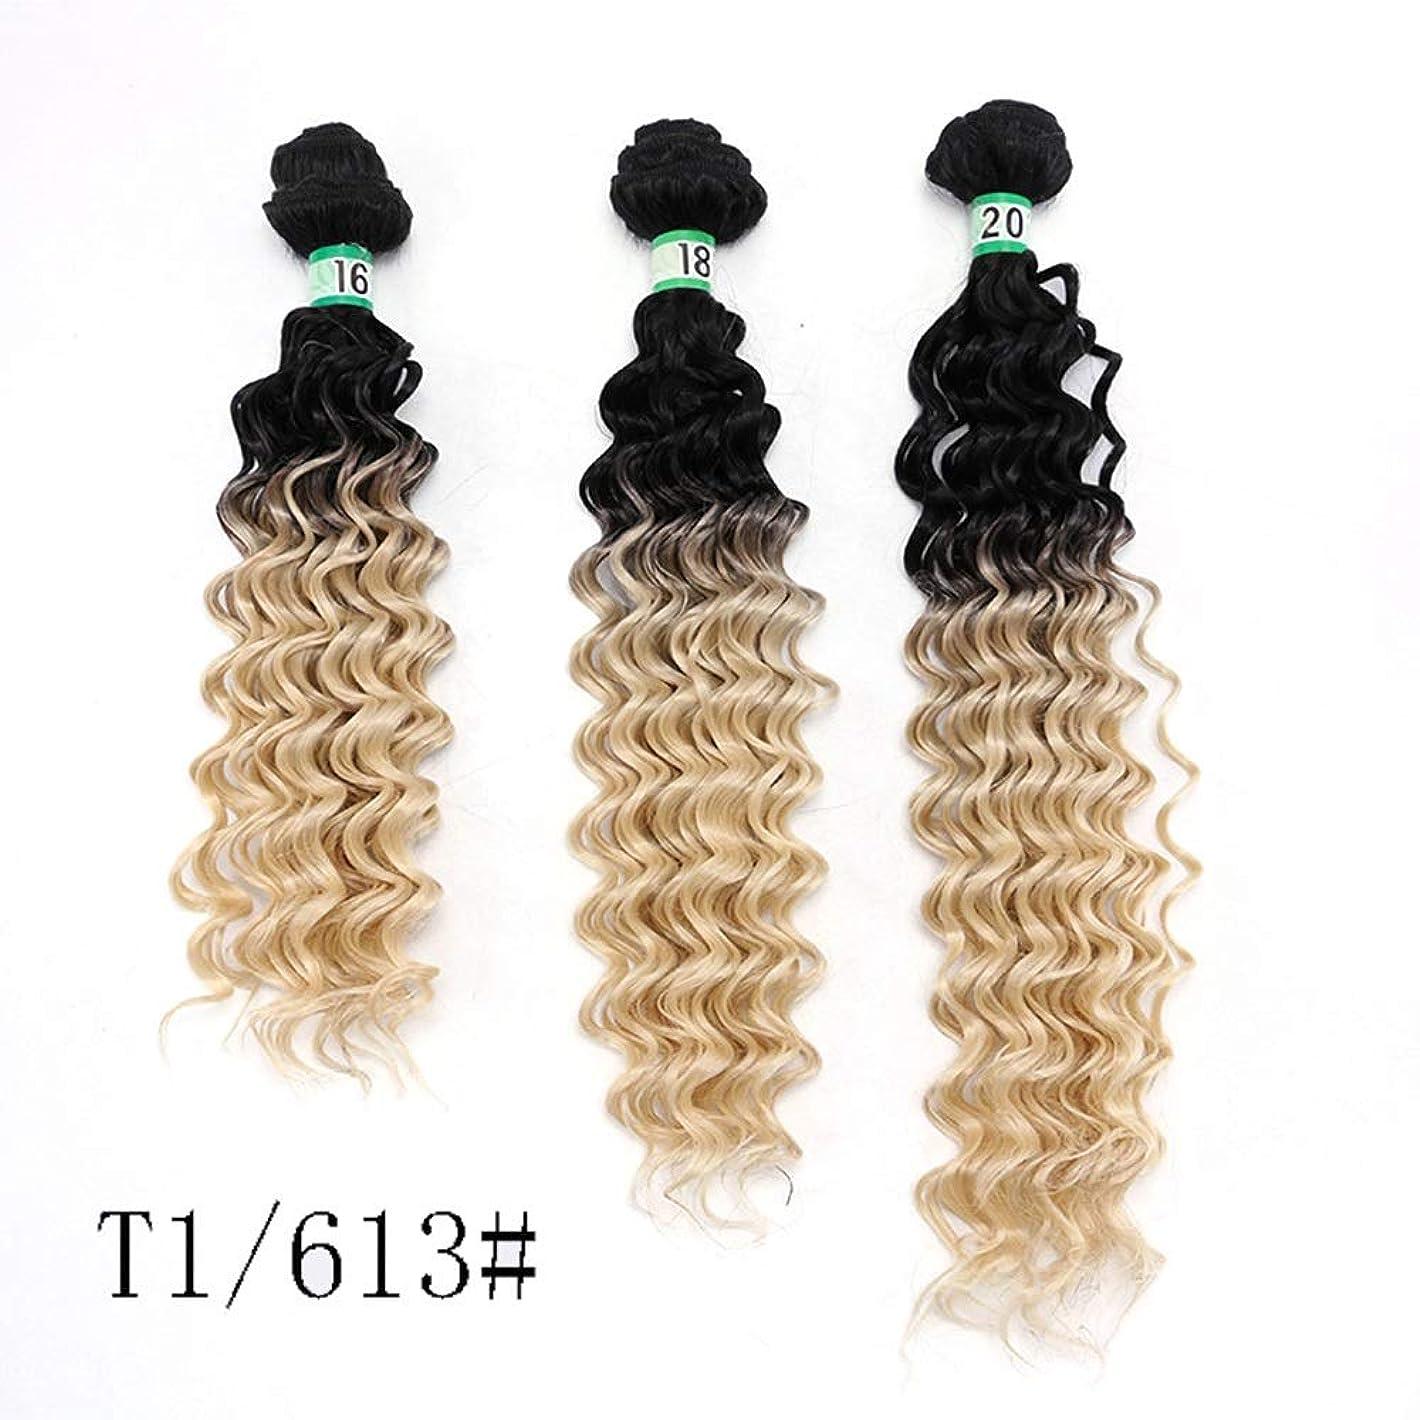 品気取らない占めるMayalina ブラジルの髪の毛の深い波の髪織り3バンドル - T1 / 613#ブロンドの髪のバンドルミックス長(16